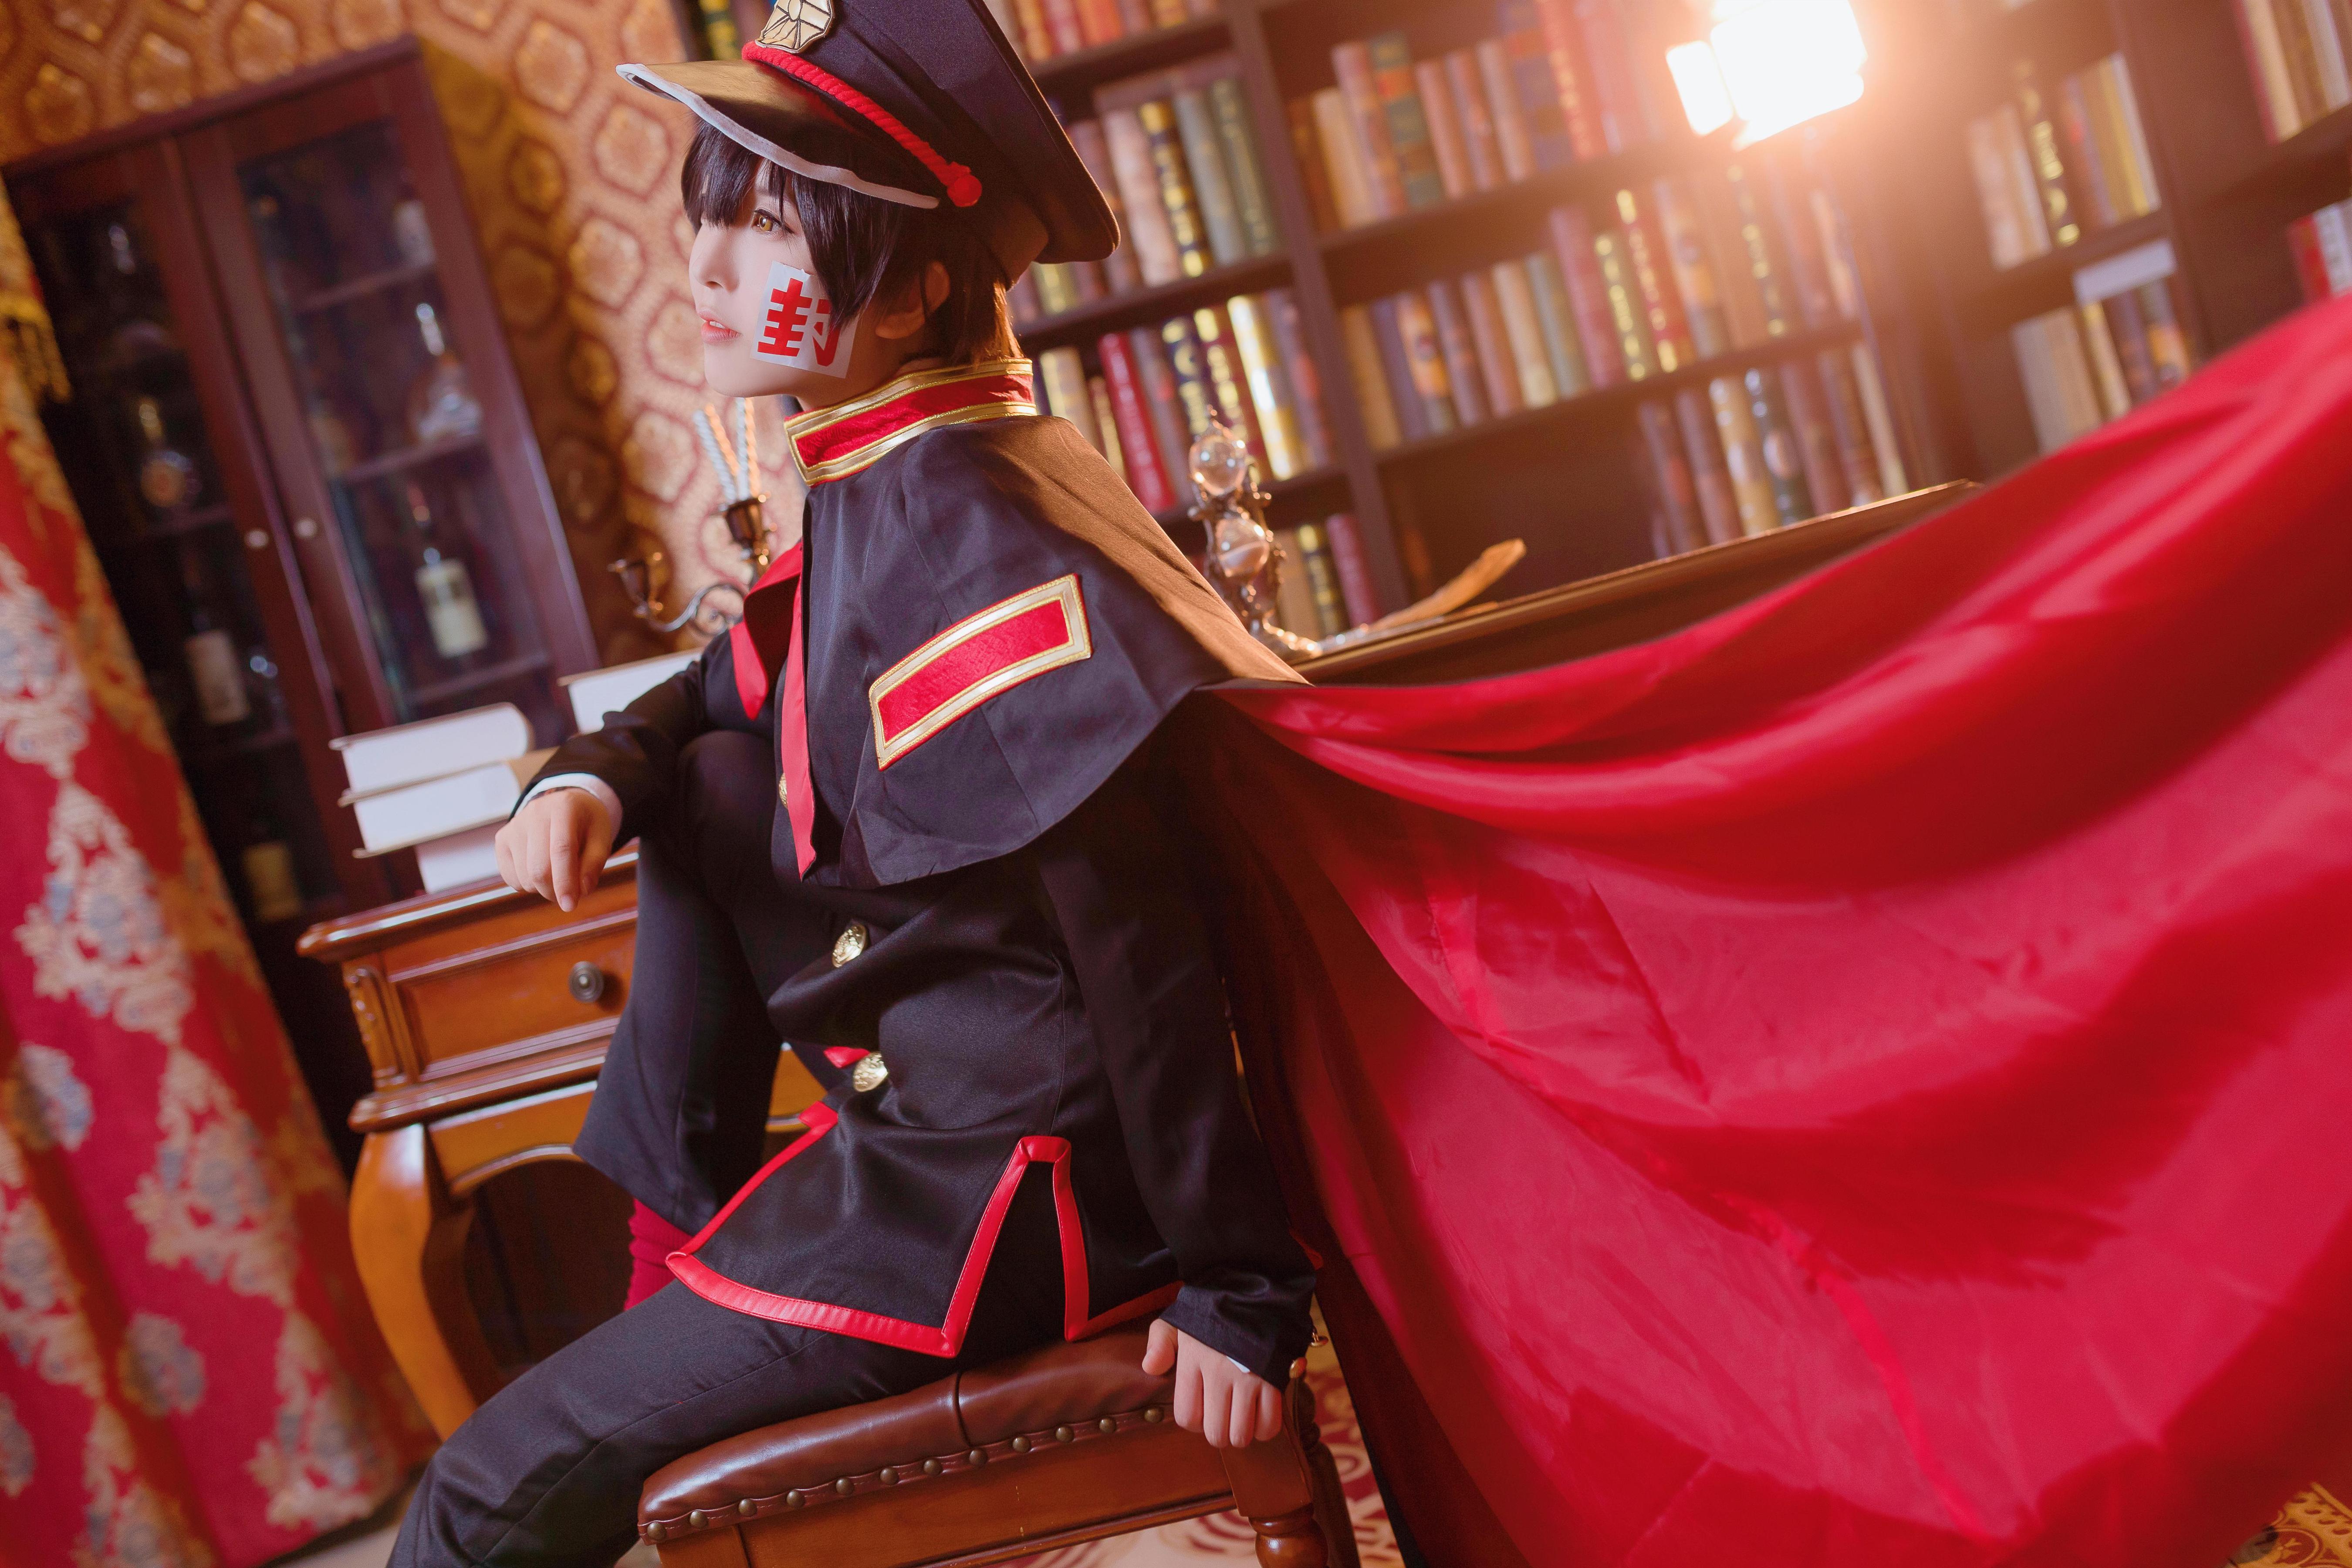 《地缚少年花子君》柚木普cosplay【CN:二糖子】 -名侦探柯南cosplay图片插图